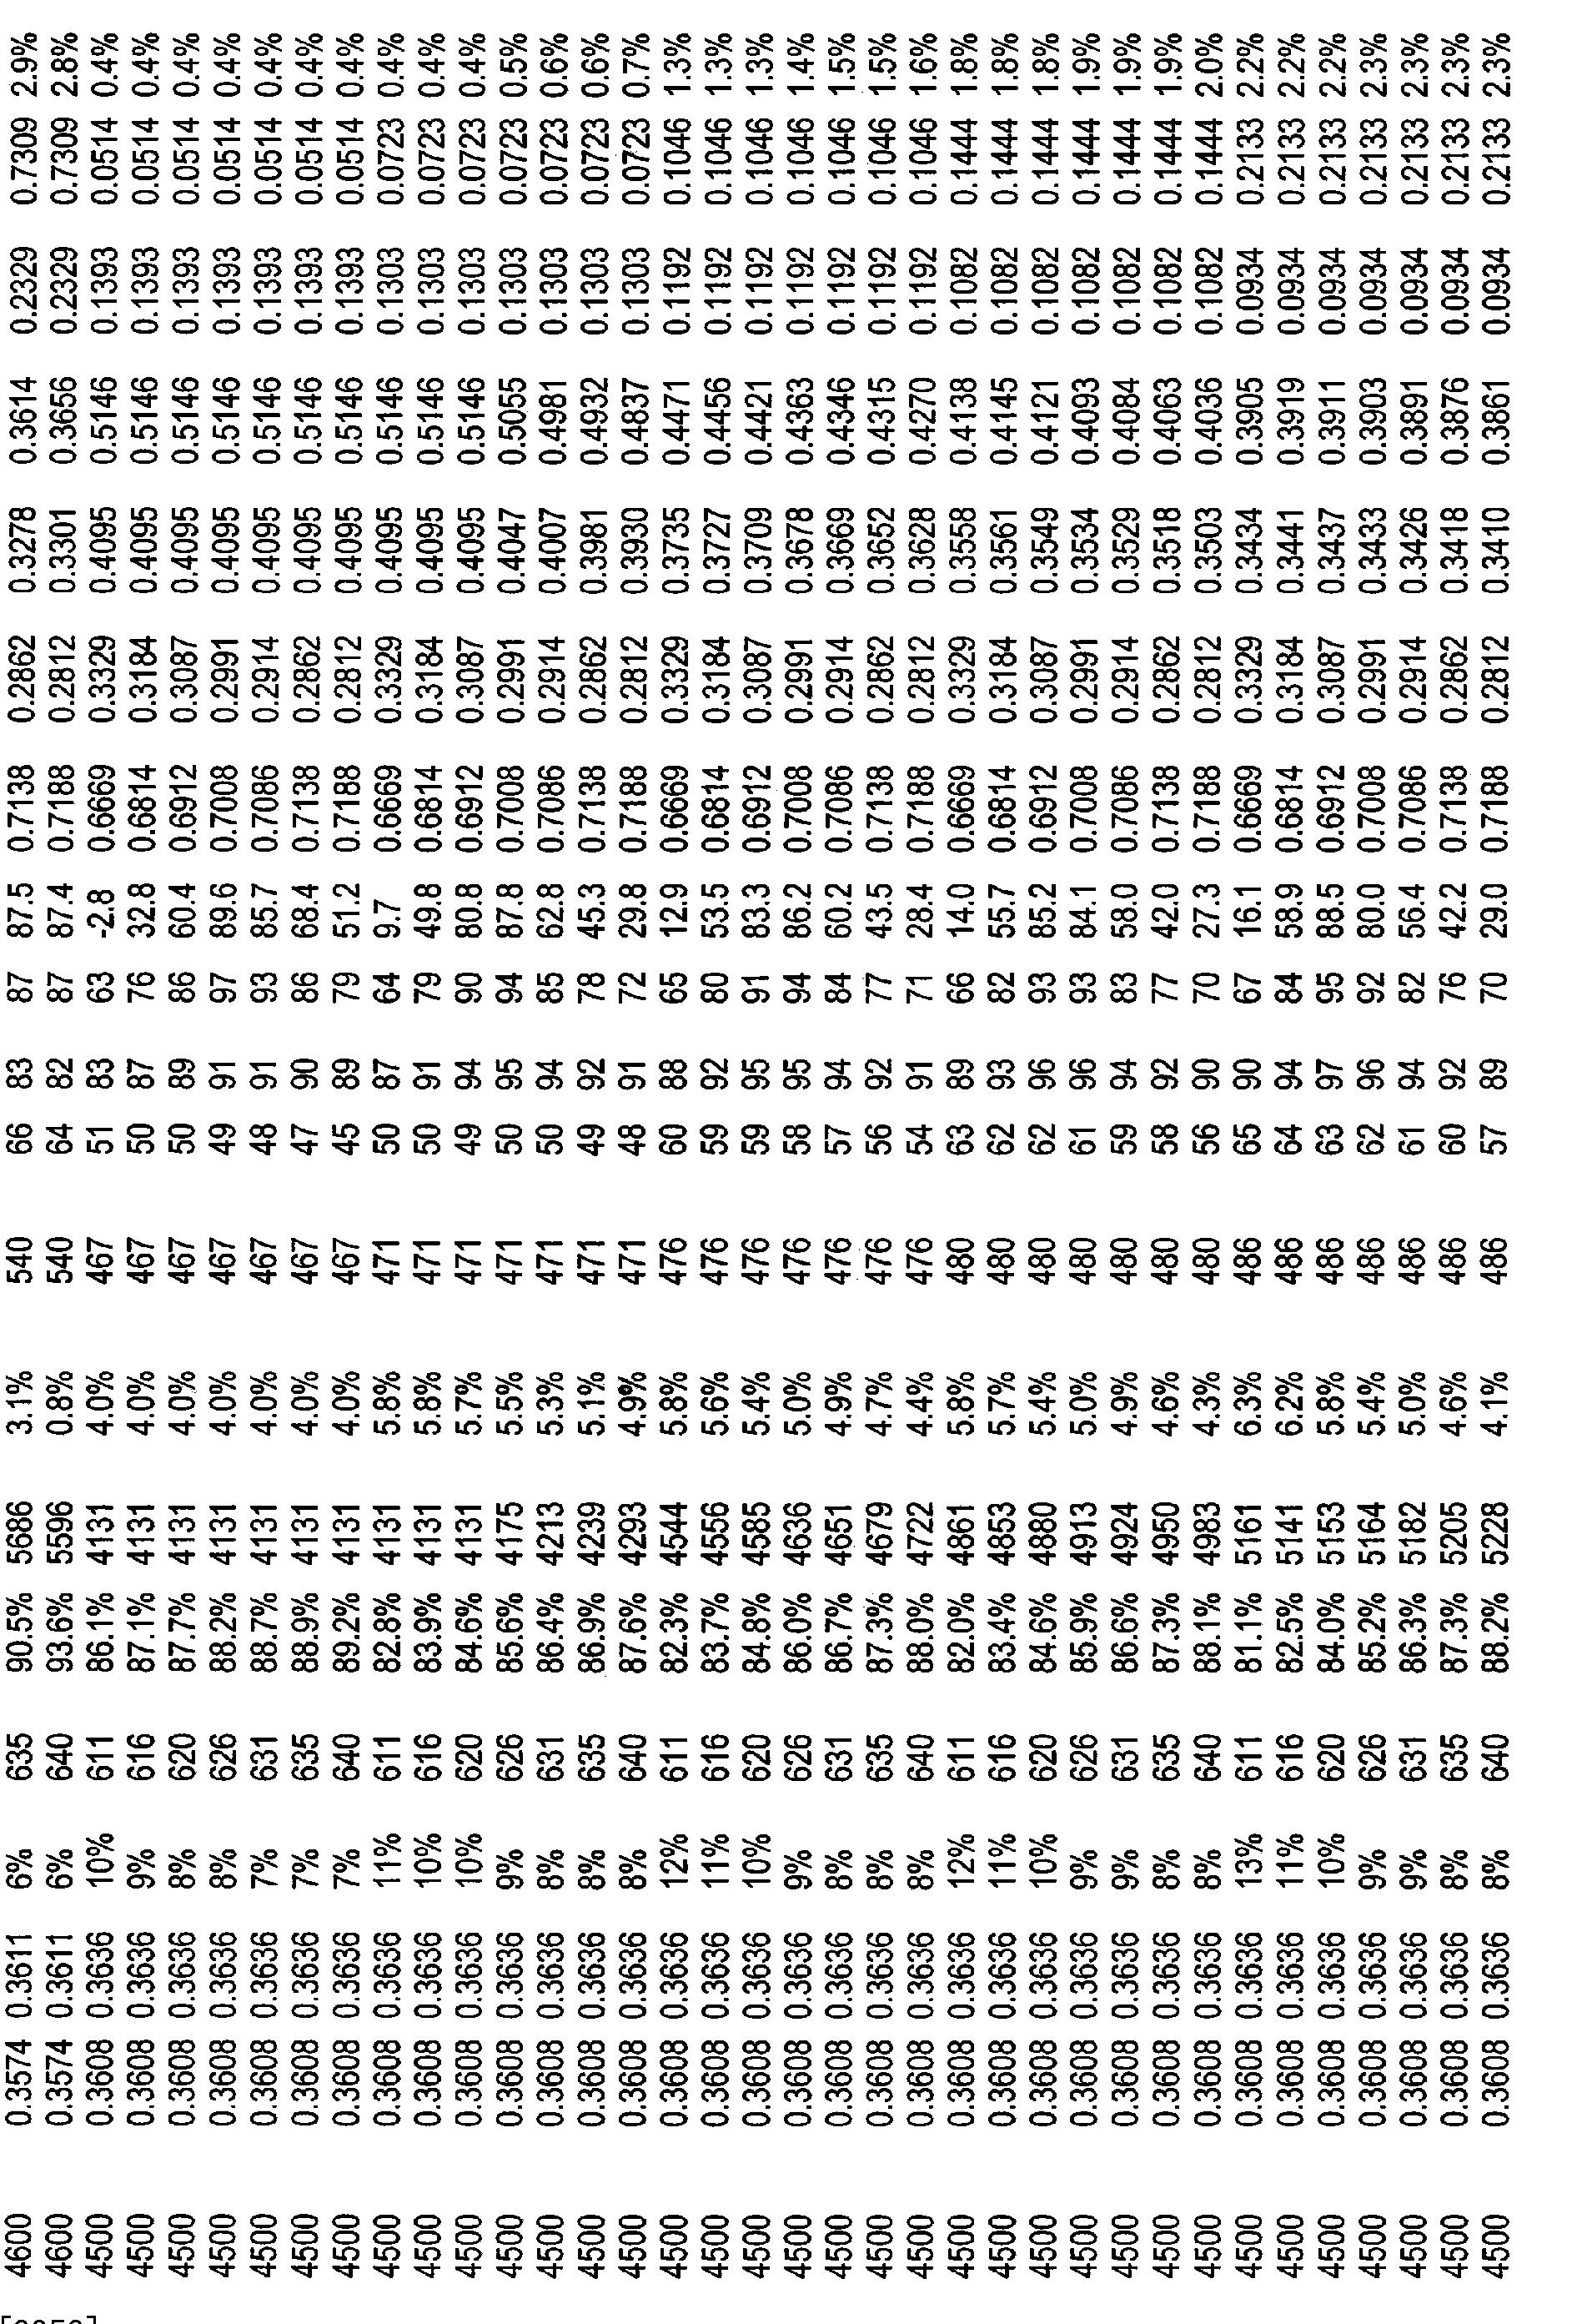 Figure CN101821544BD00771